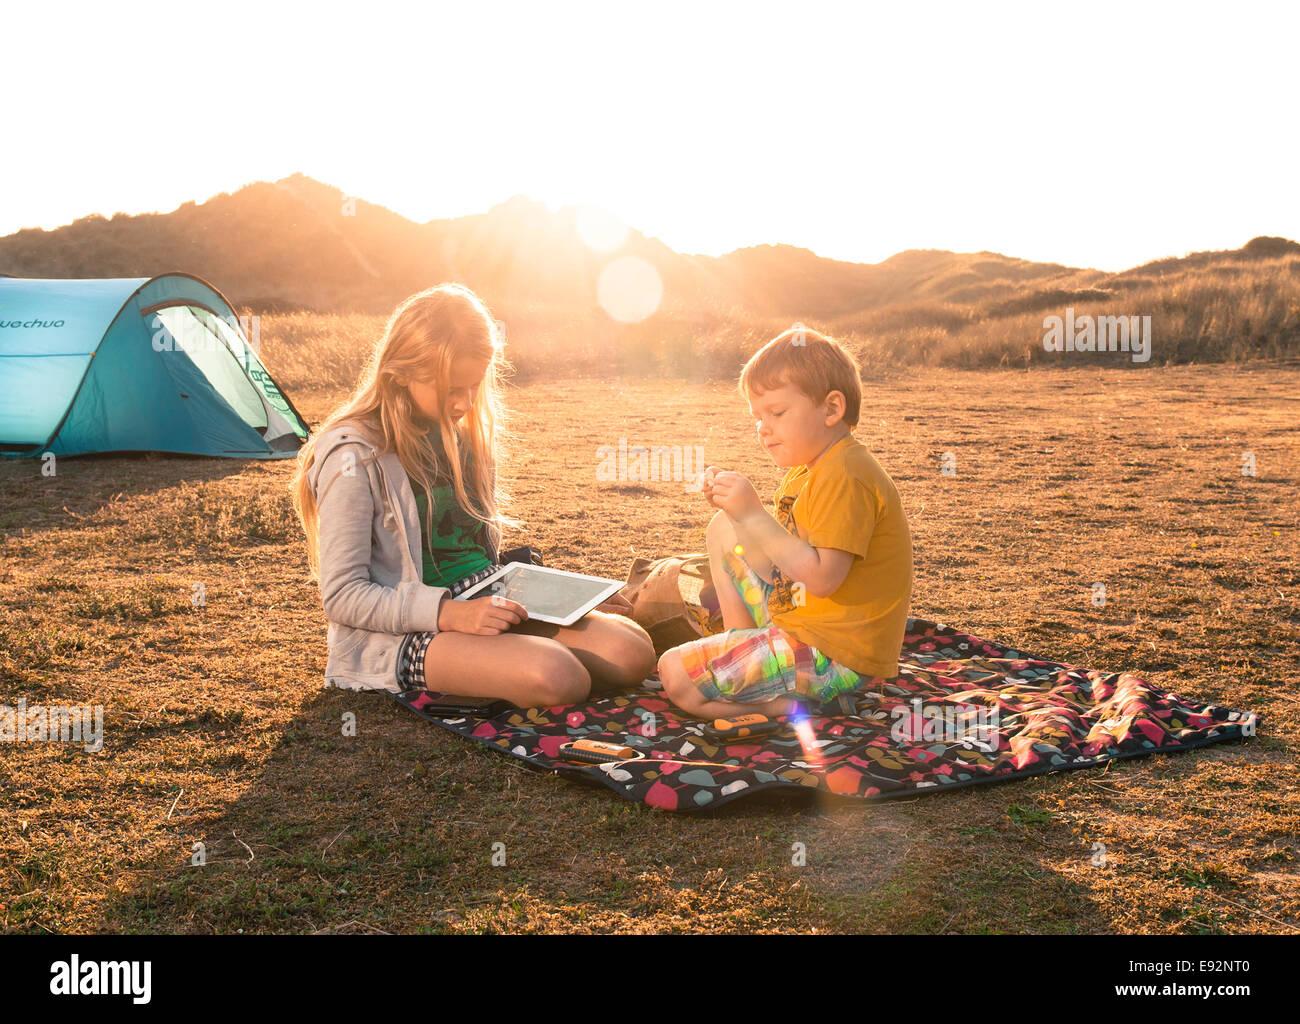 Kids camping - Stock Image